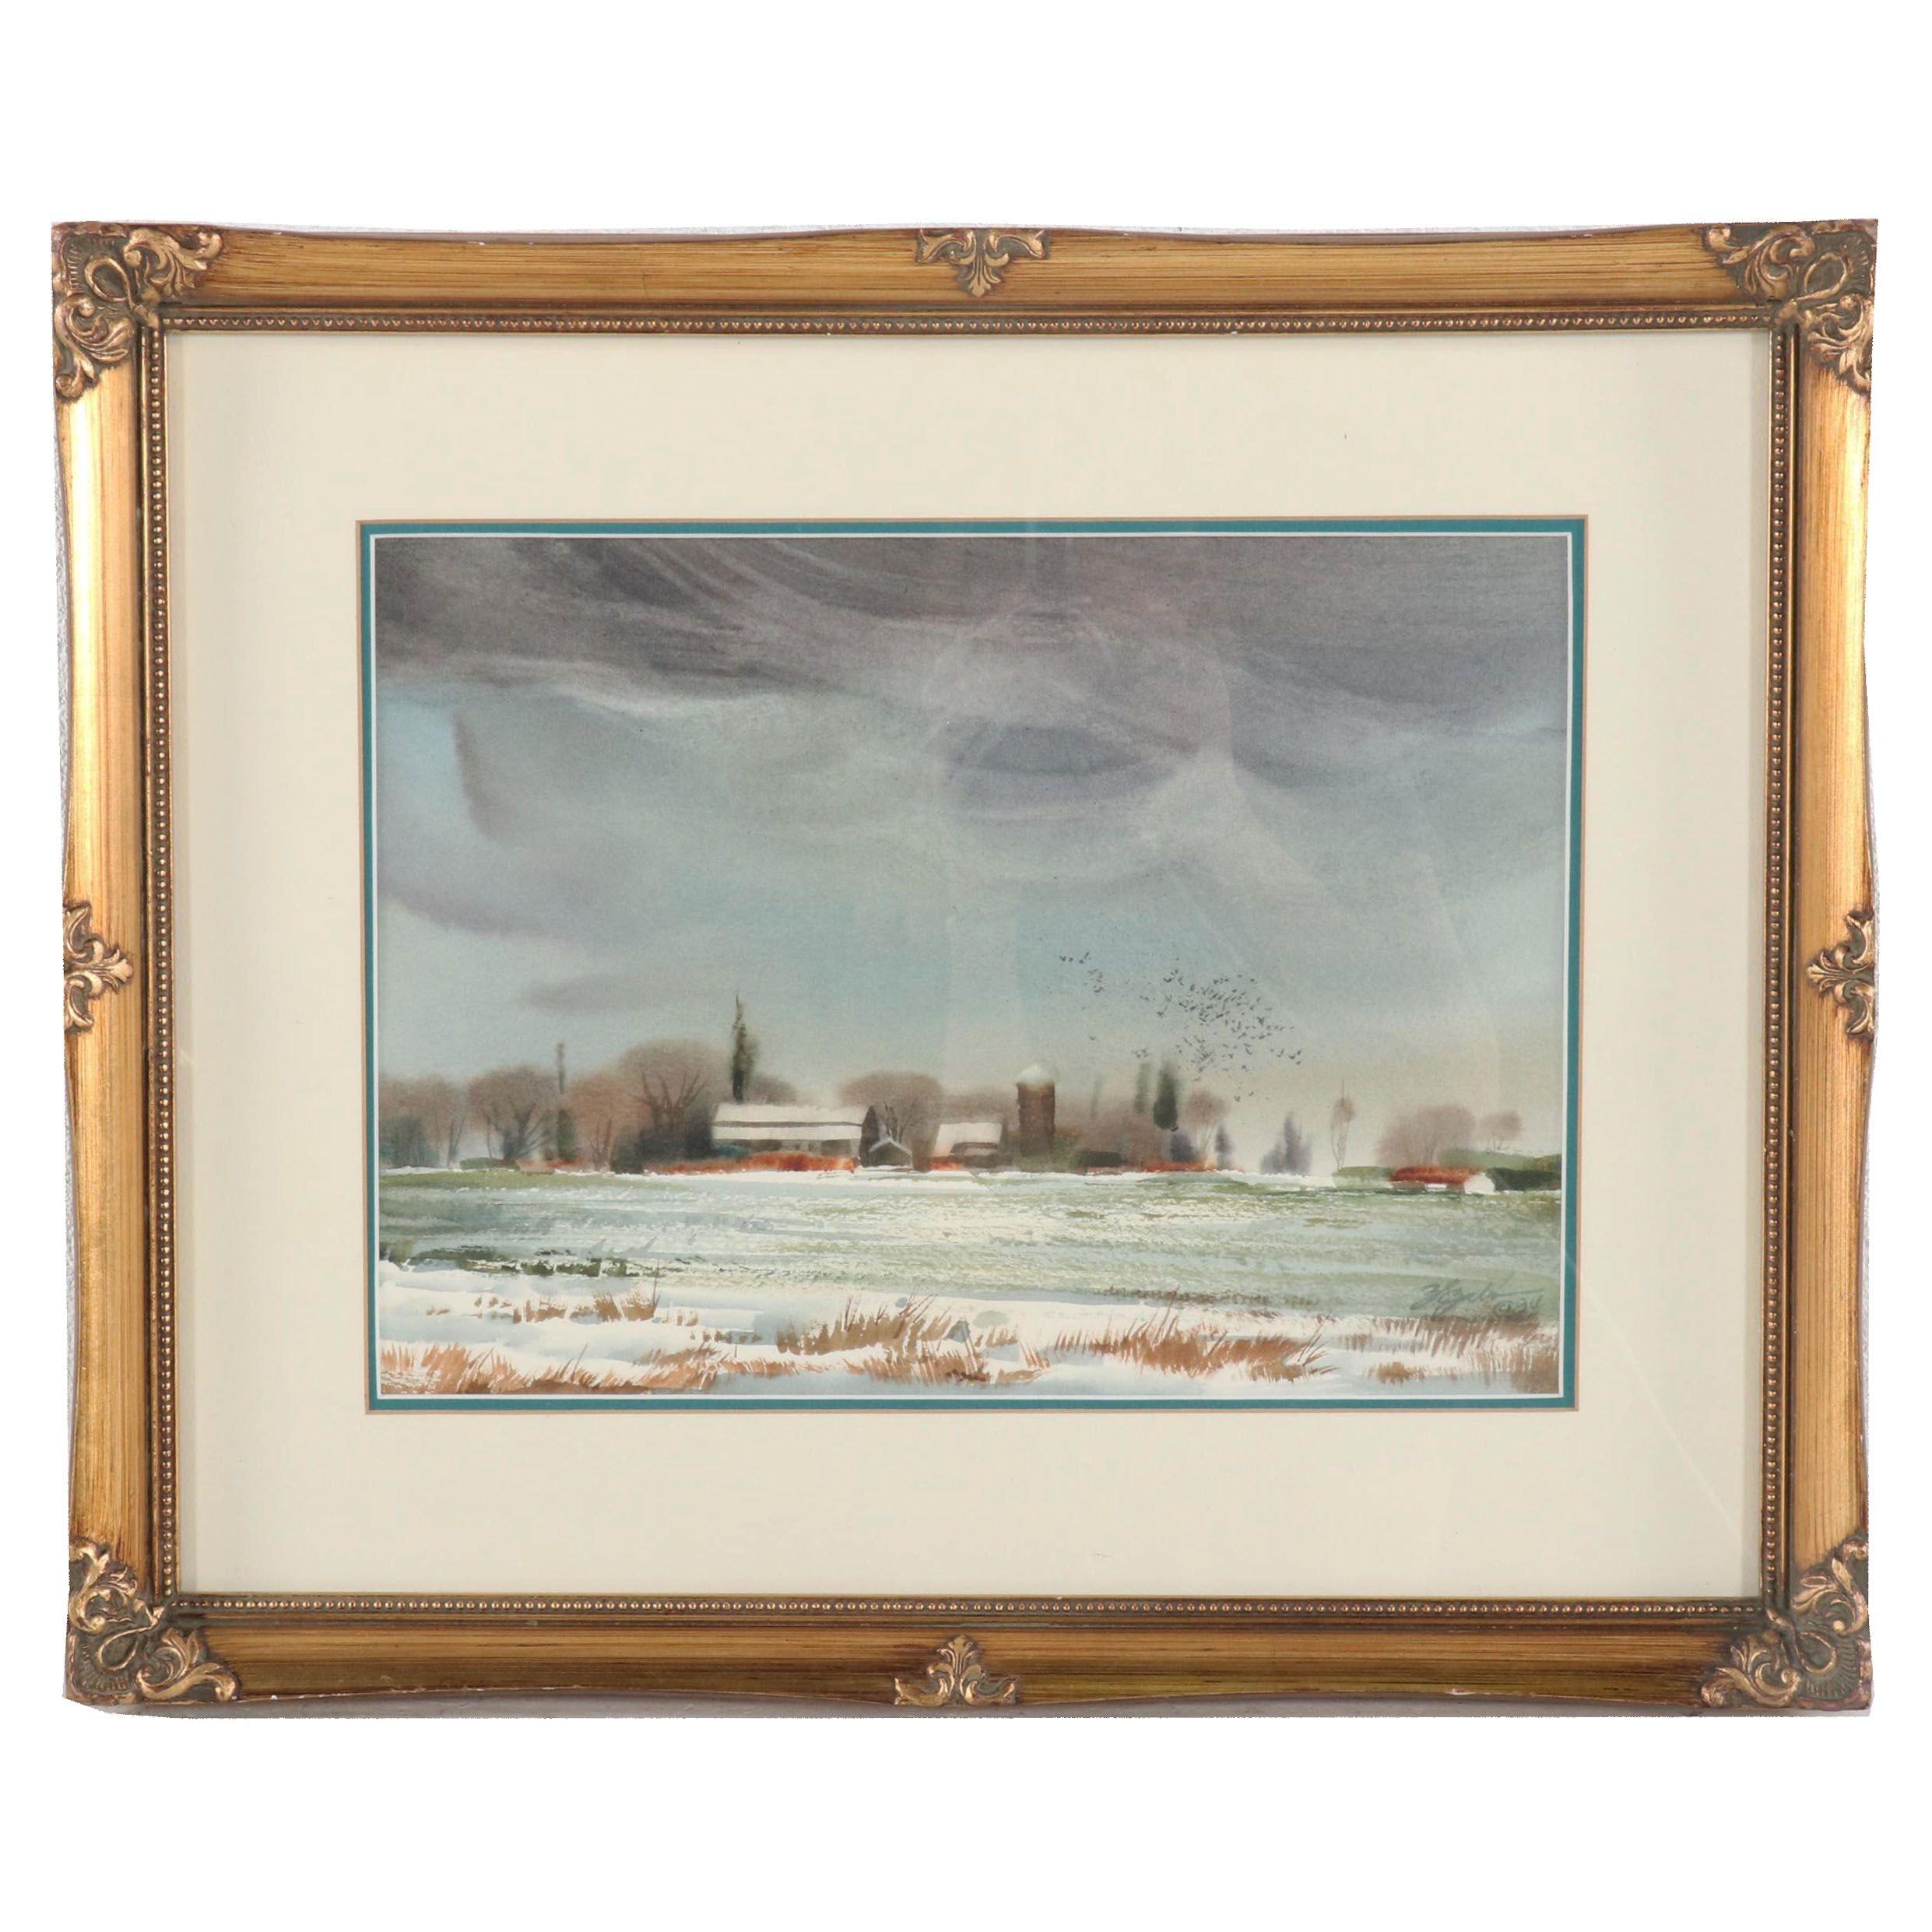 Zoltan Szabo Landscape Watercolor Painting